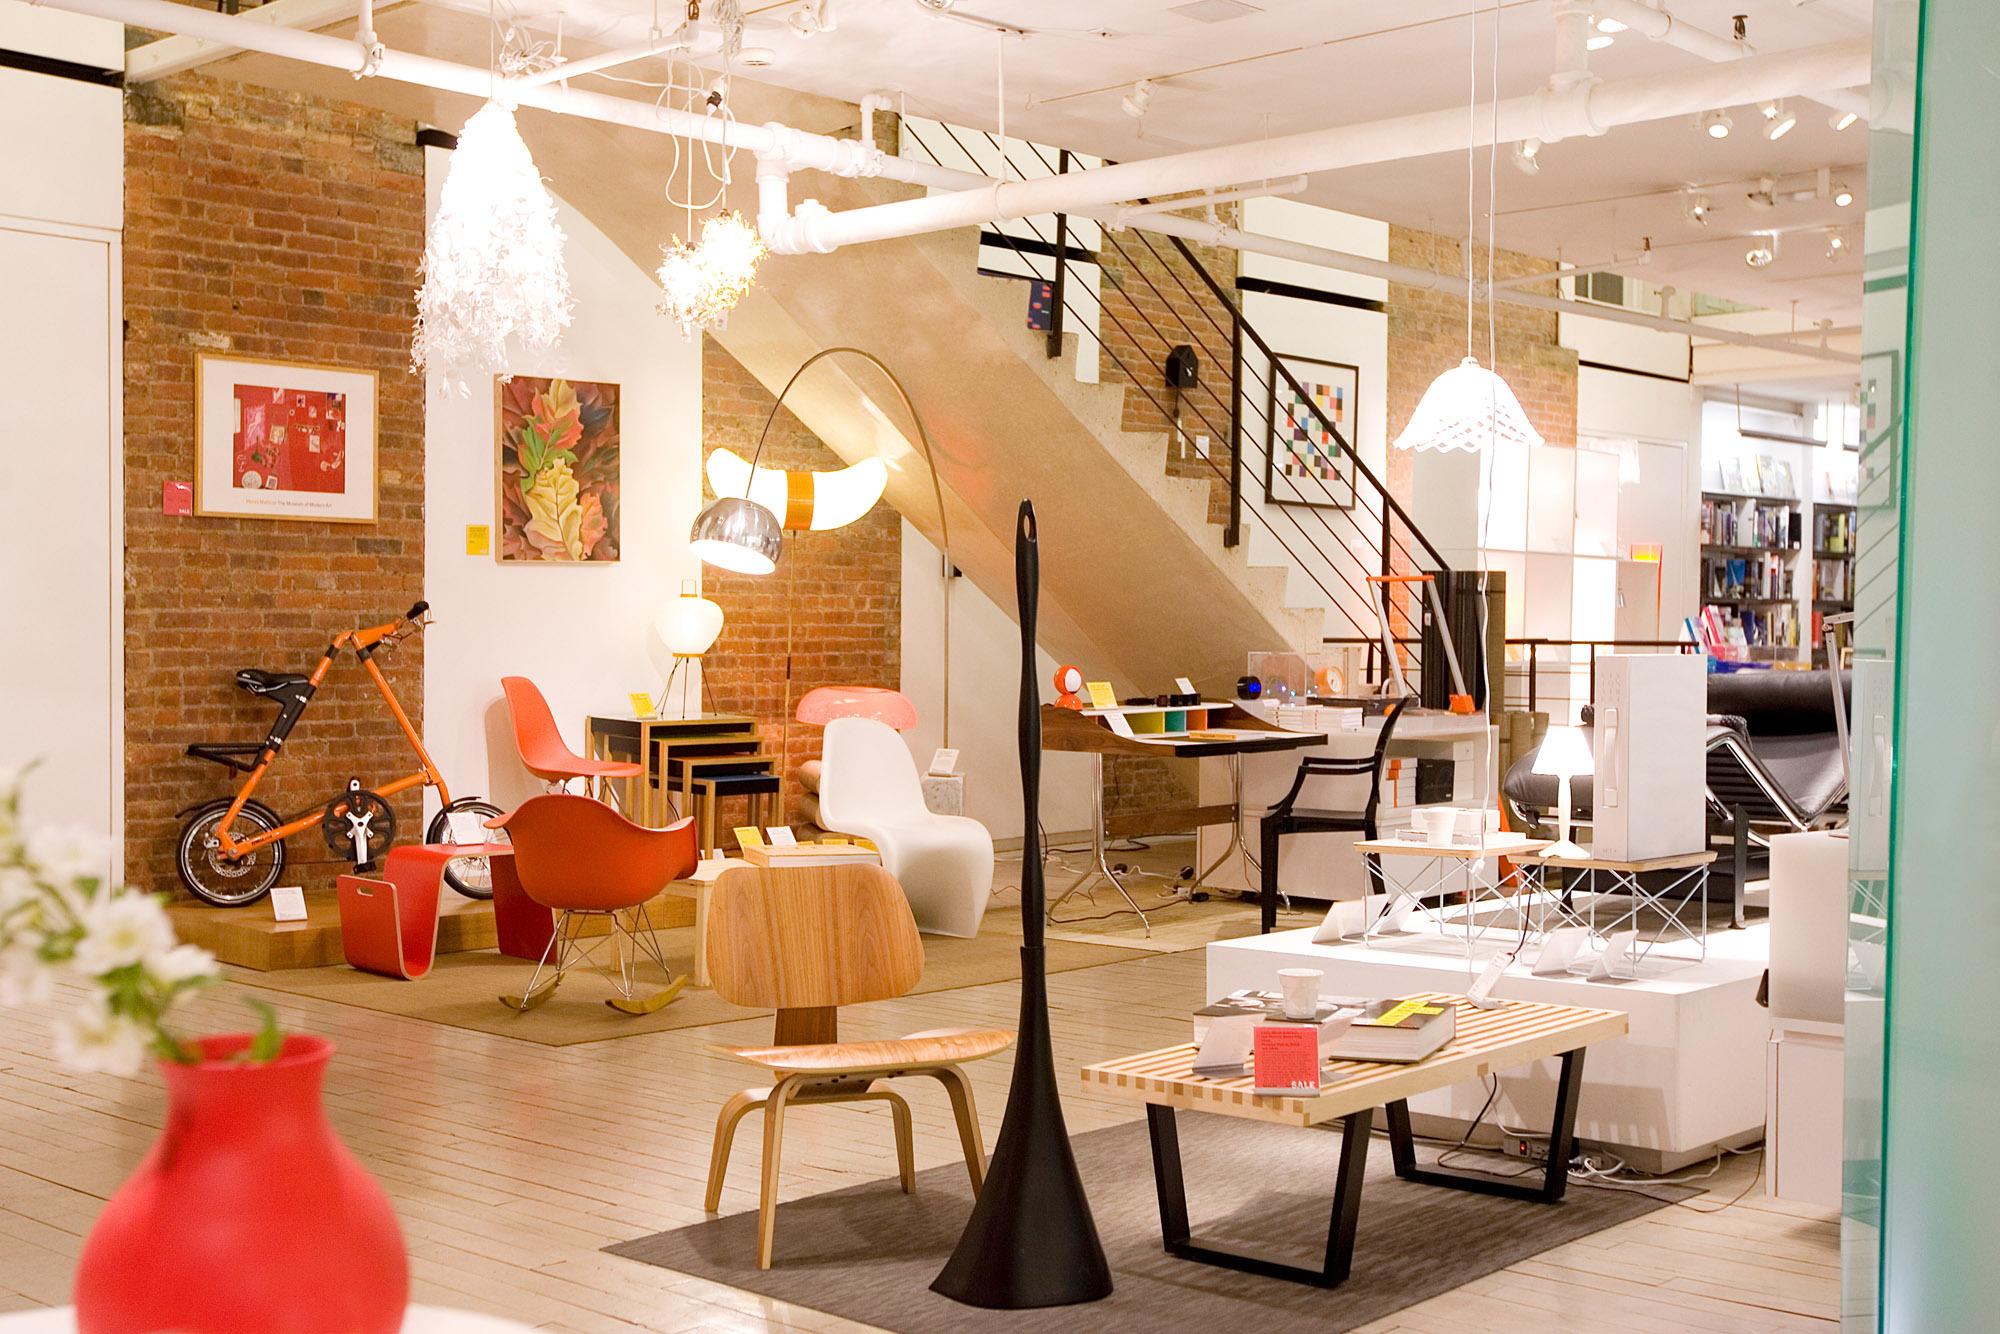 Moma design store shopping in soho new york for Best retail store design